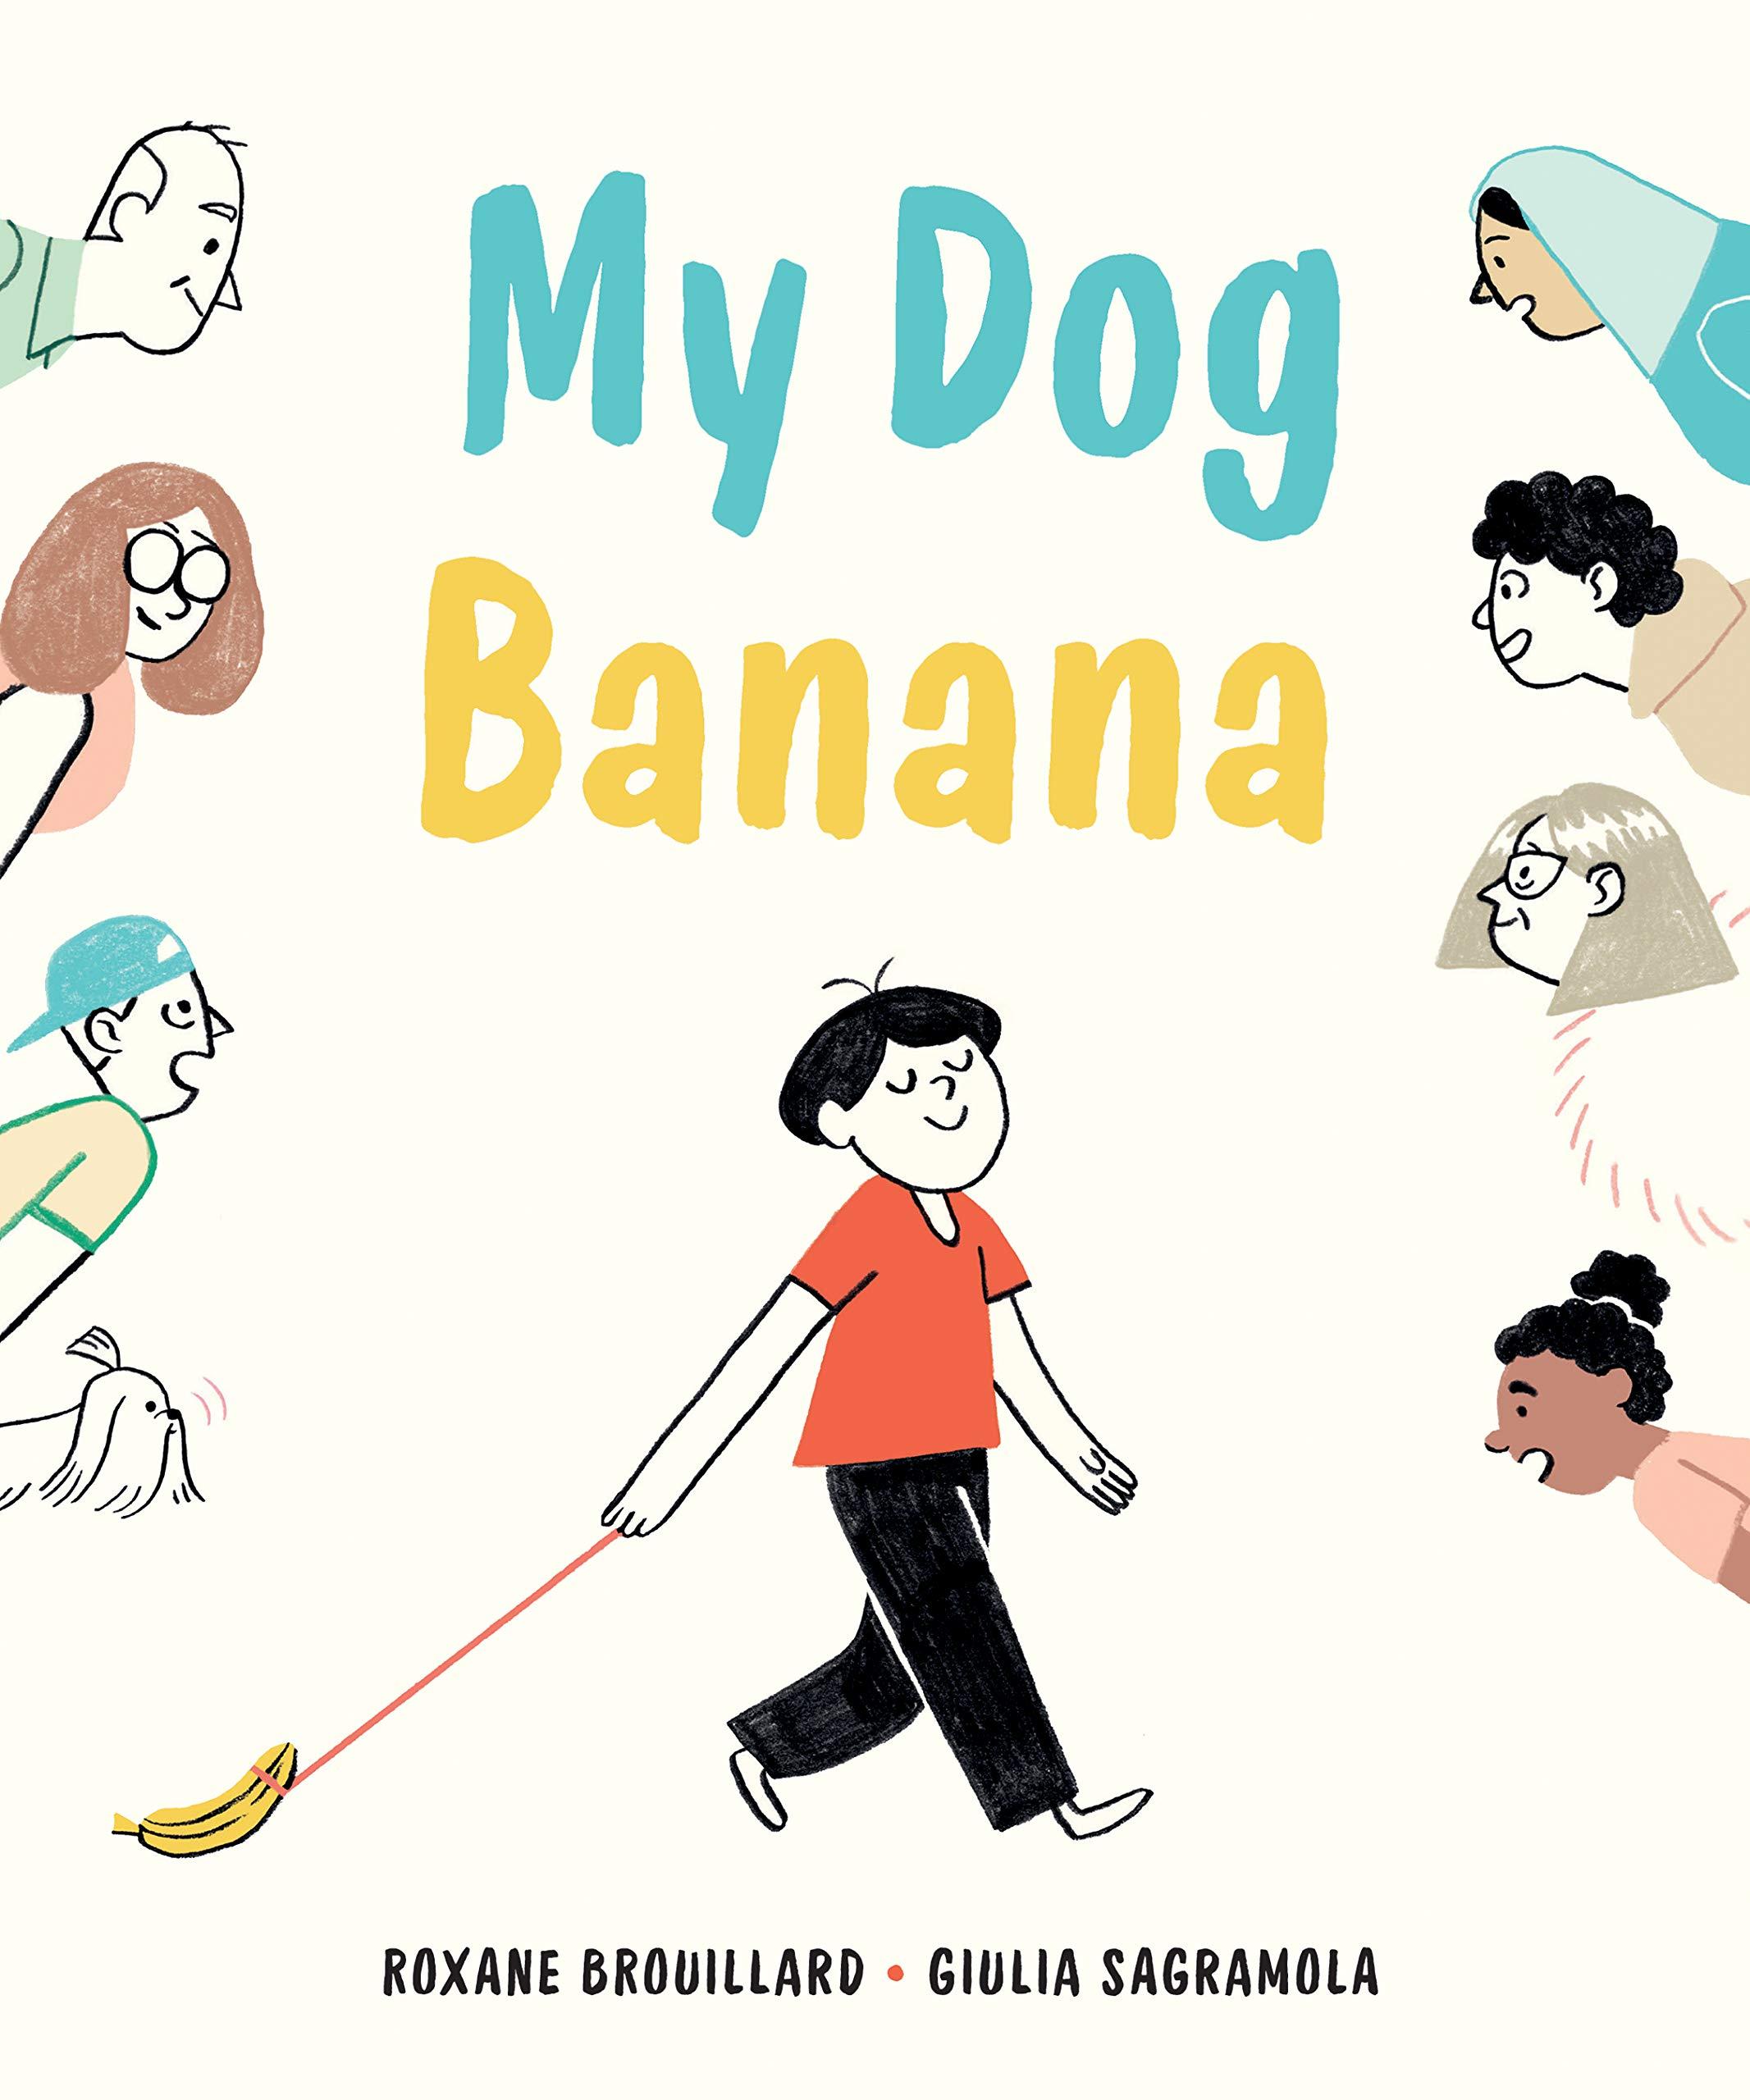 My dog banana